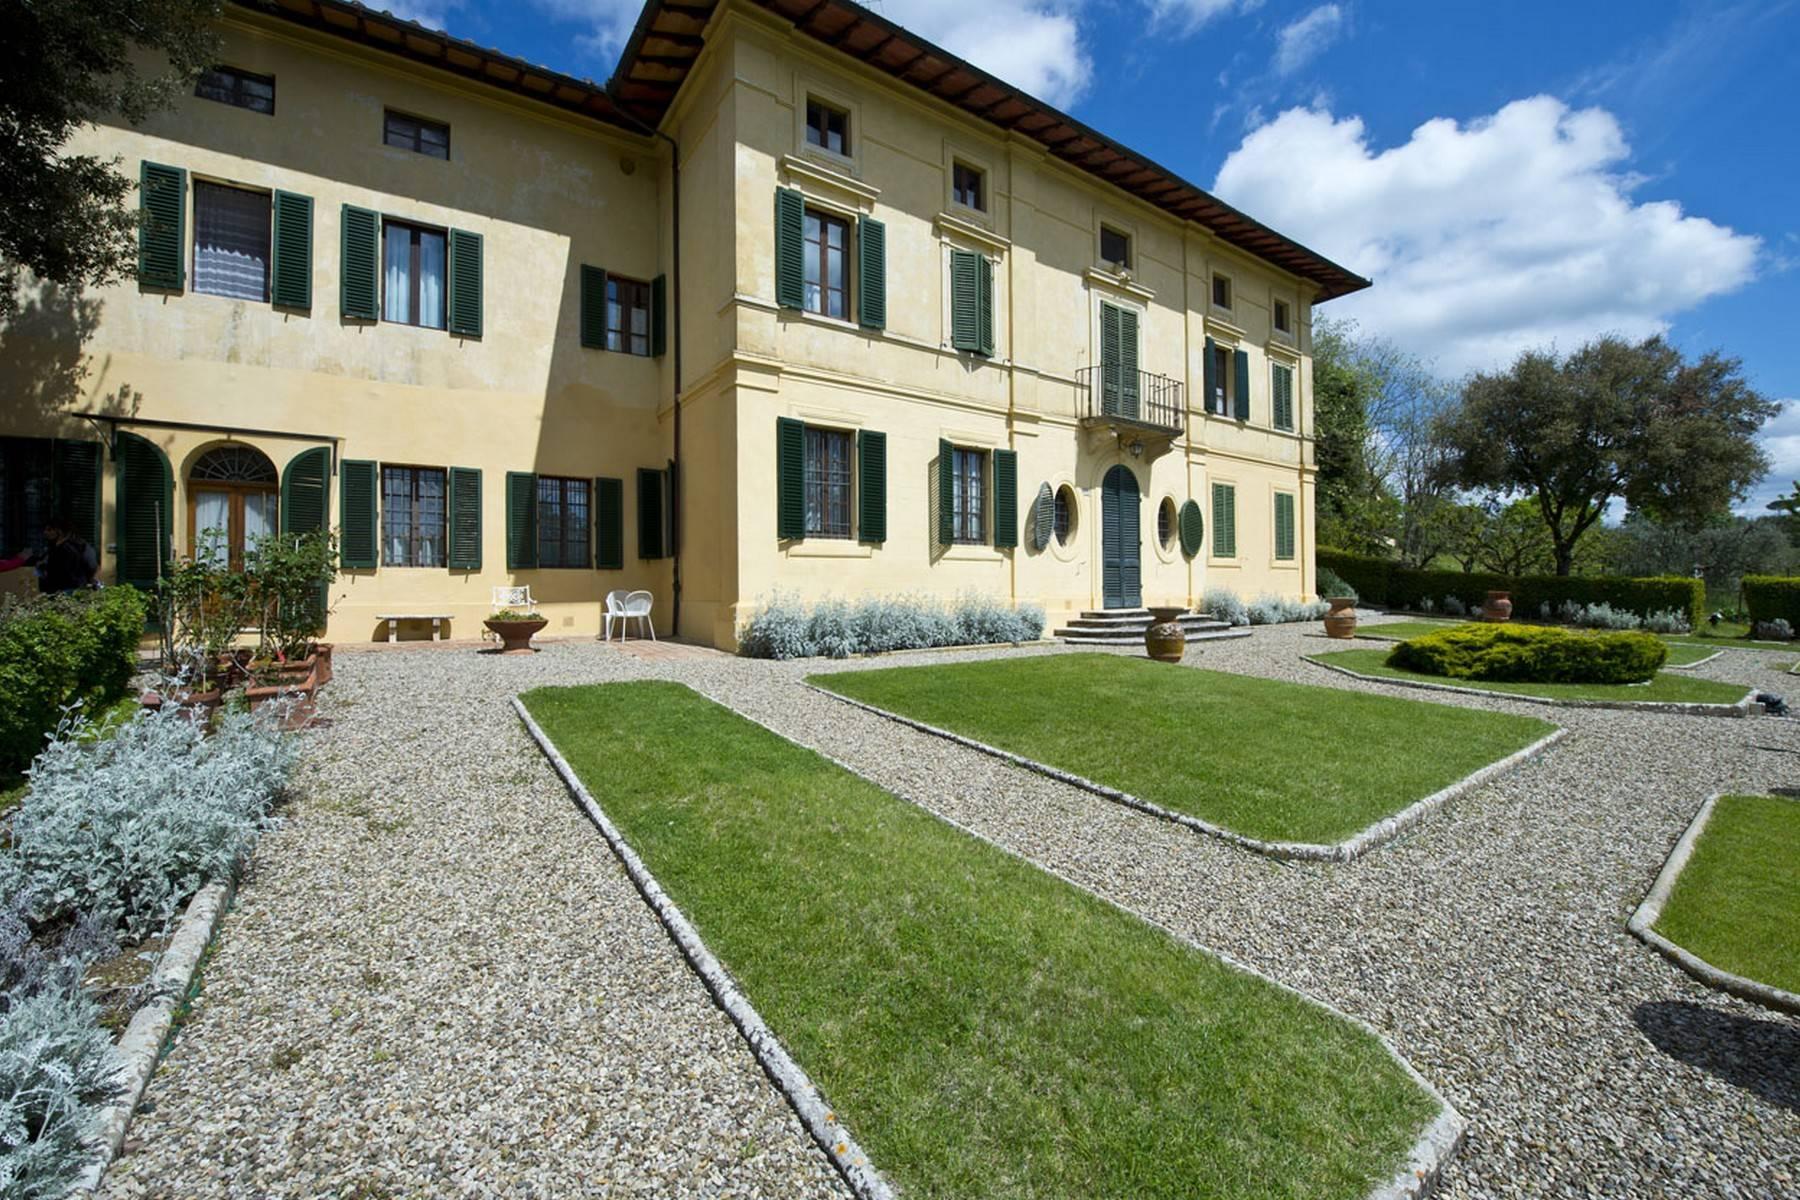 Villa aristocratique à vendre sur les collines de Sienne - 2